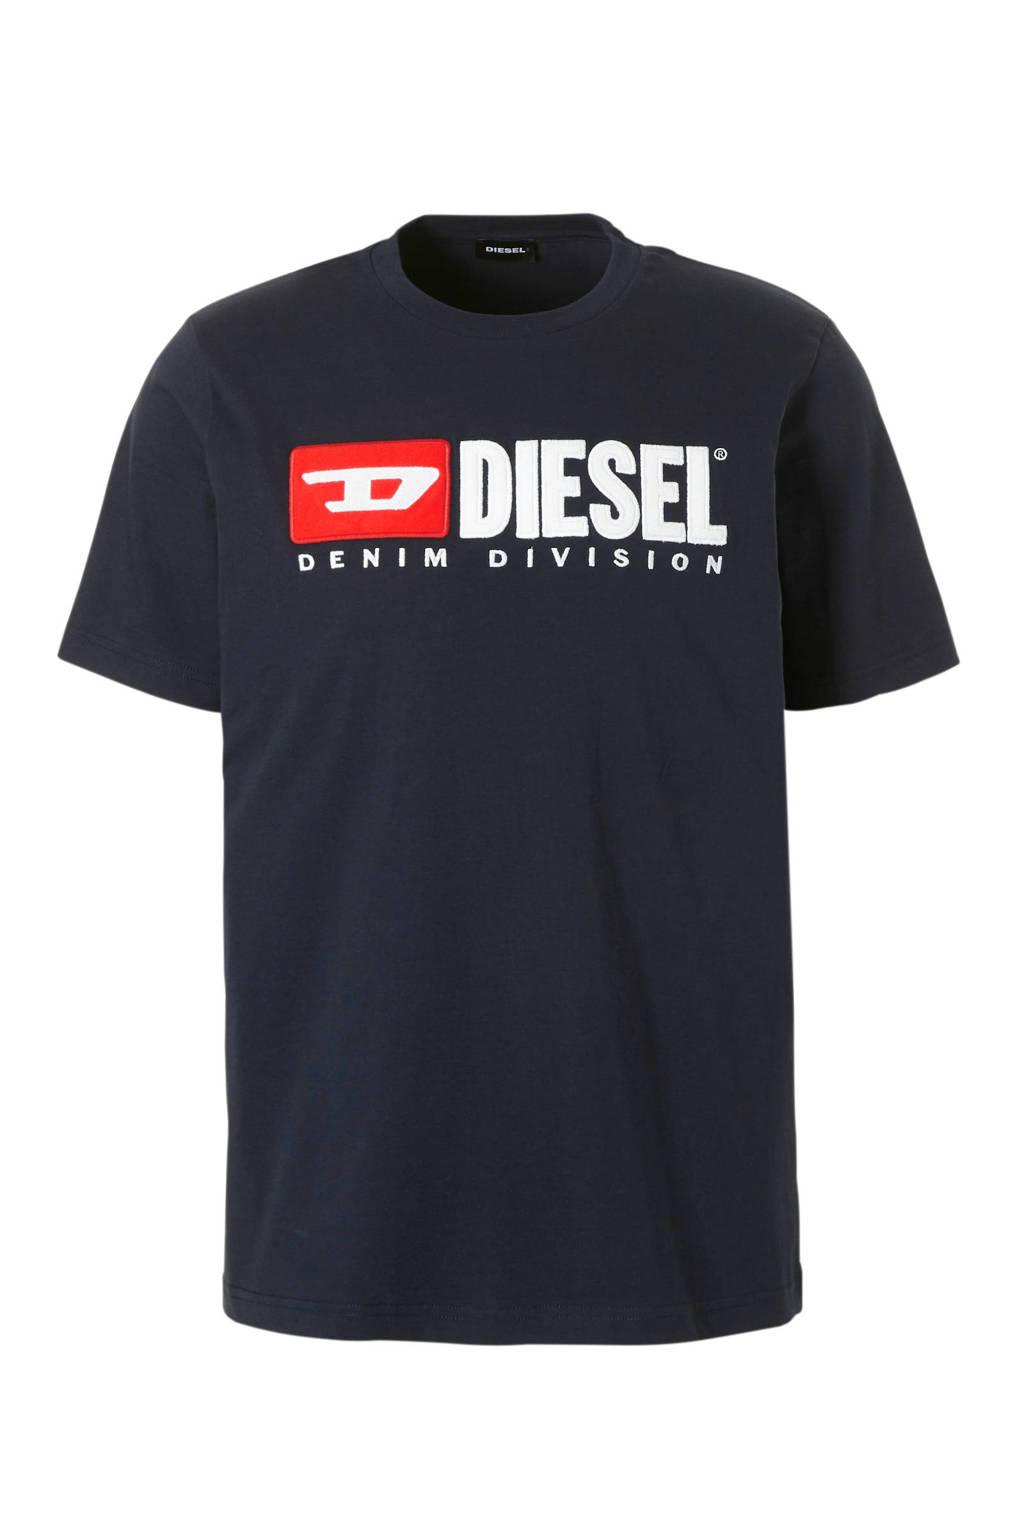 Diesel T-shirt, Donkerblauw